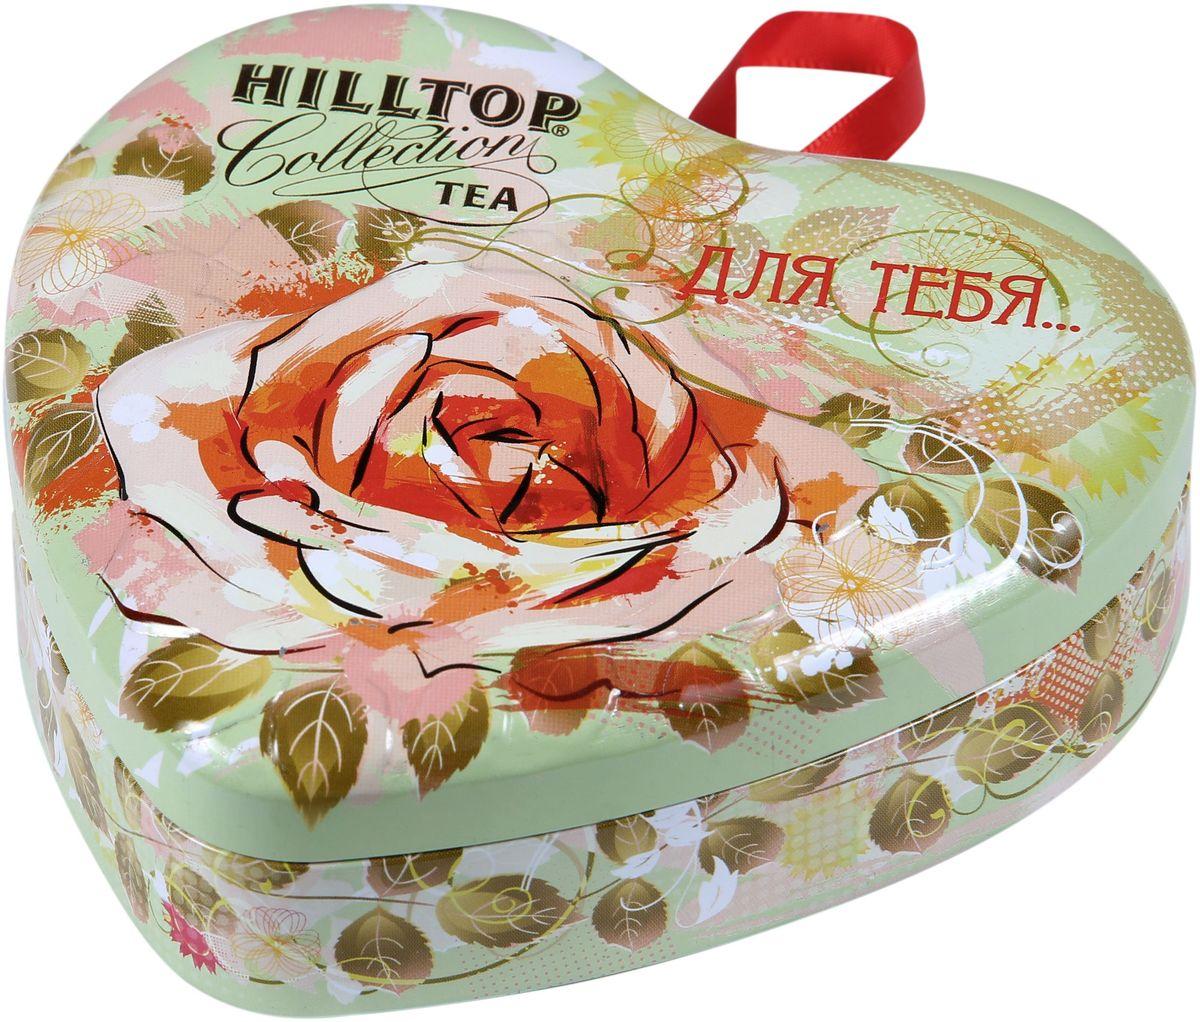 Hilltop Желаю счастья зеленый листовой чай, 50 гTALTHL-L00141Hilltop Желаю счастья — зеленый байховый чай с добавками растительного сырья Жасминовый. Отлично дополняет завтрак или праздничный сладкий стол.